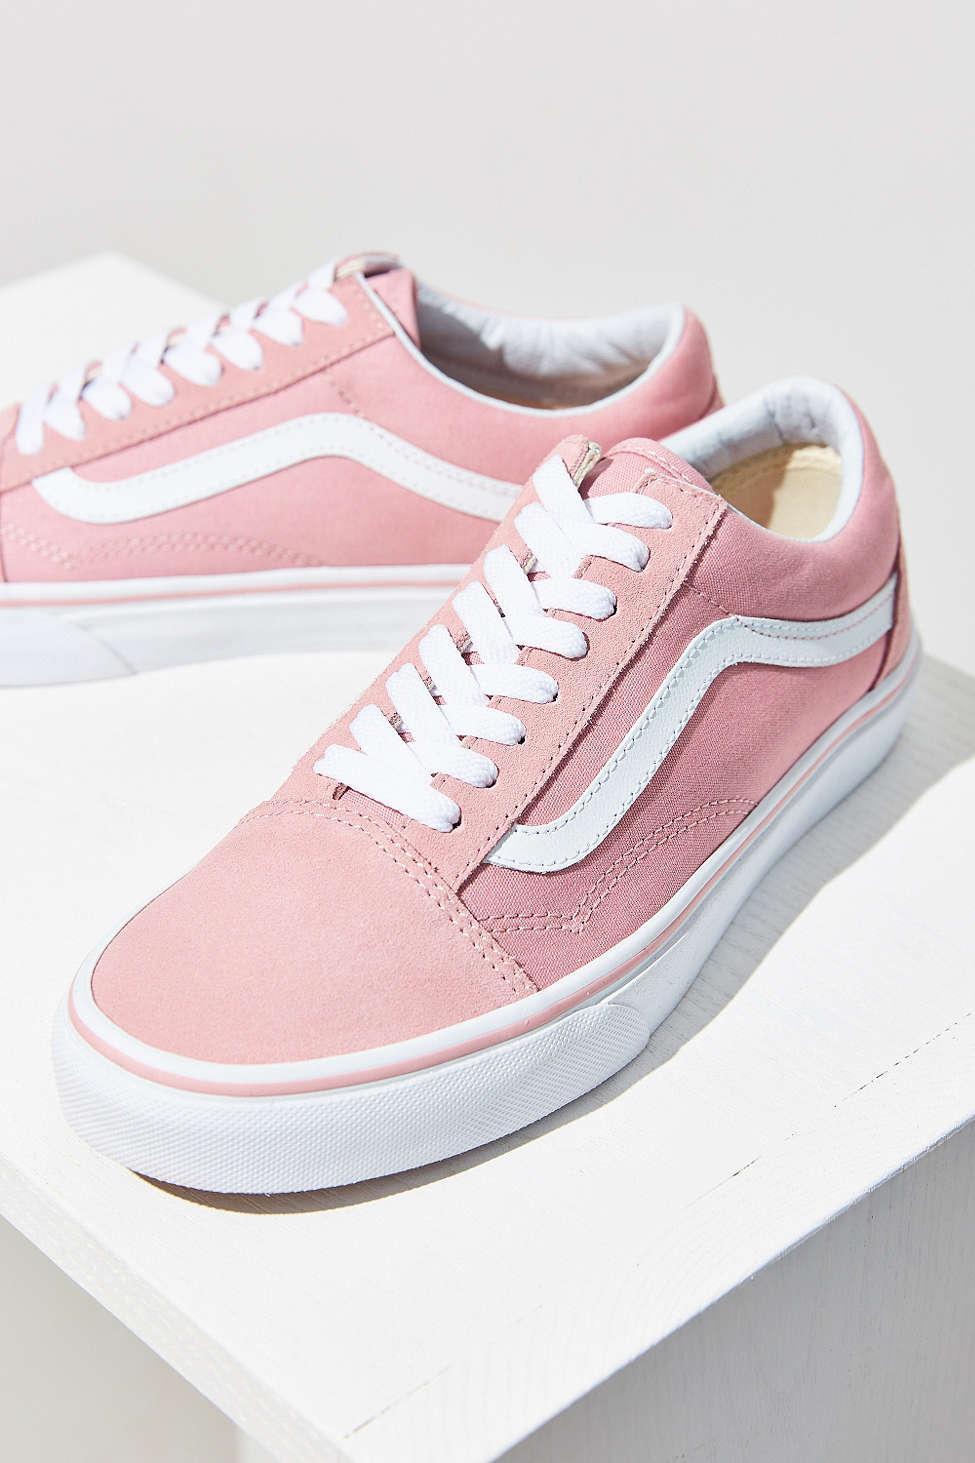 468f77b76e Vans Old Skool Pink